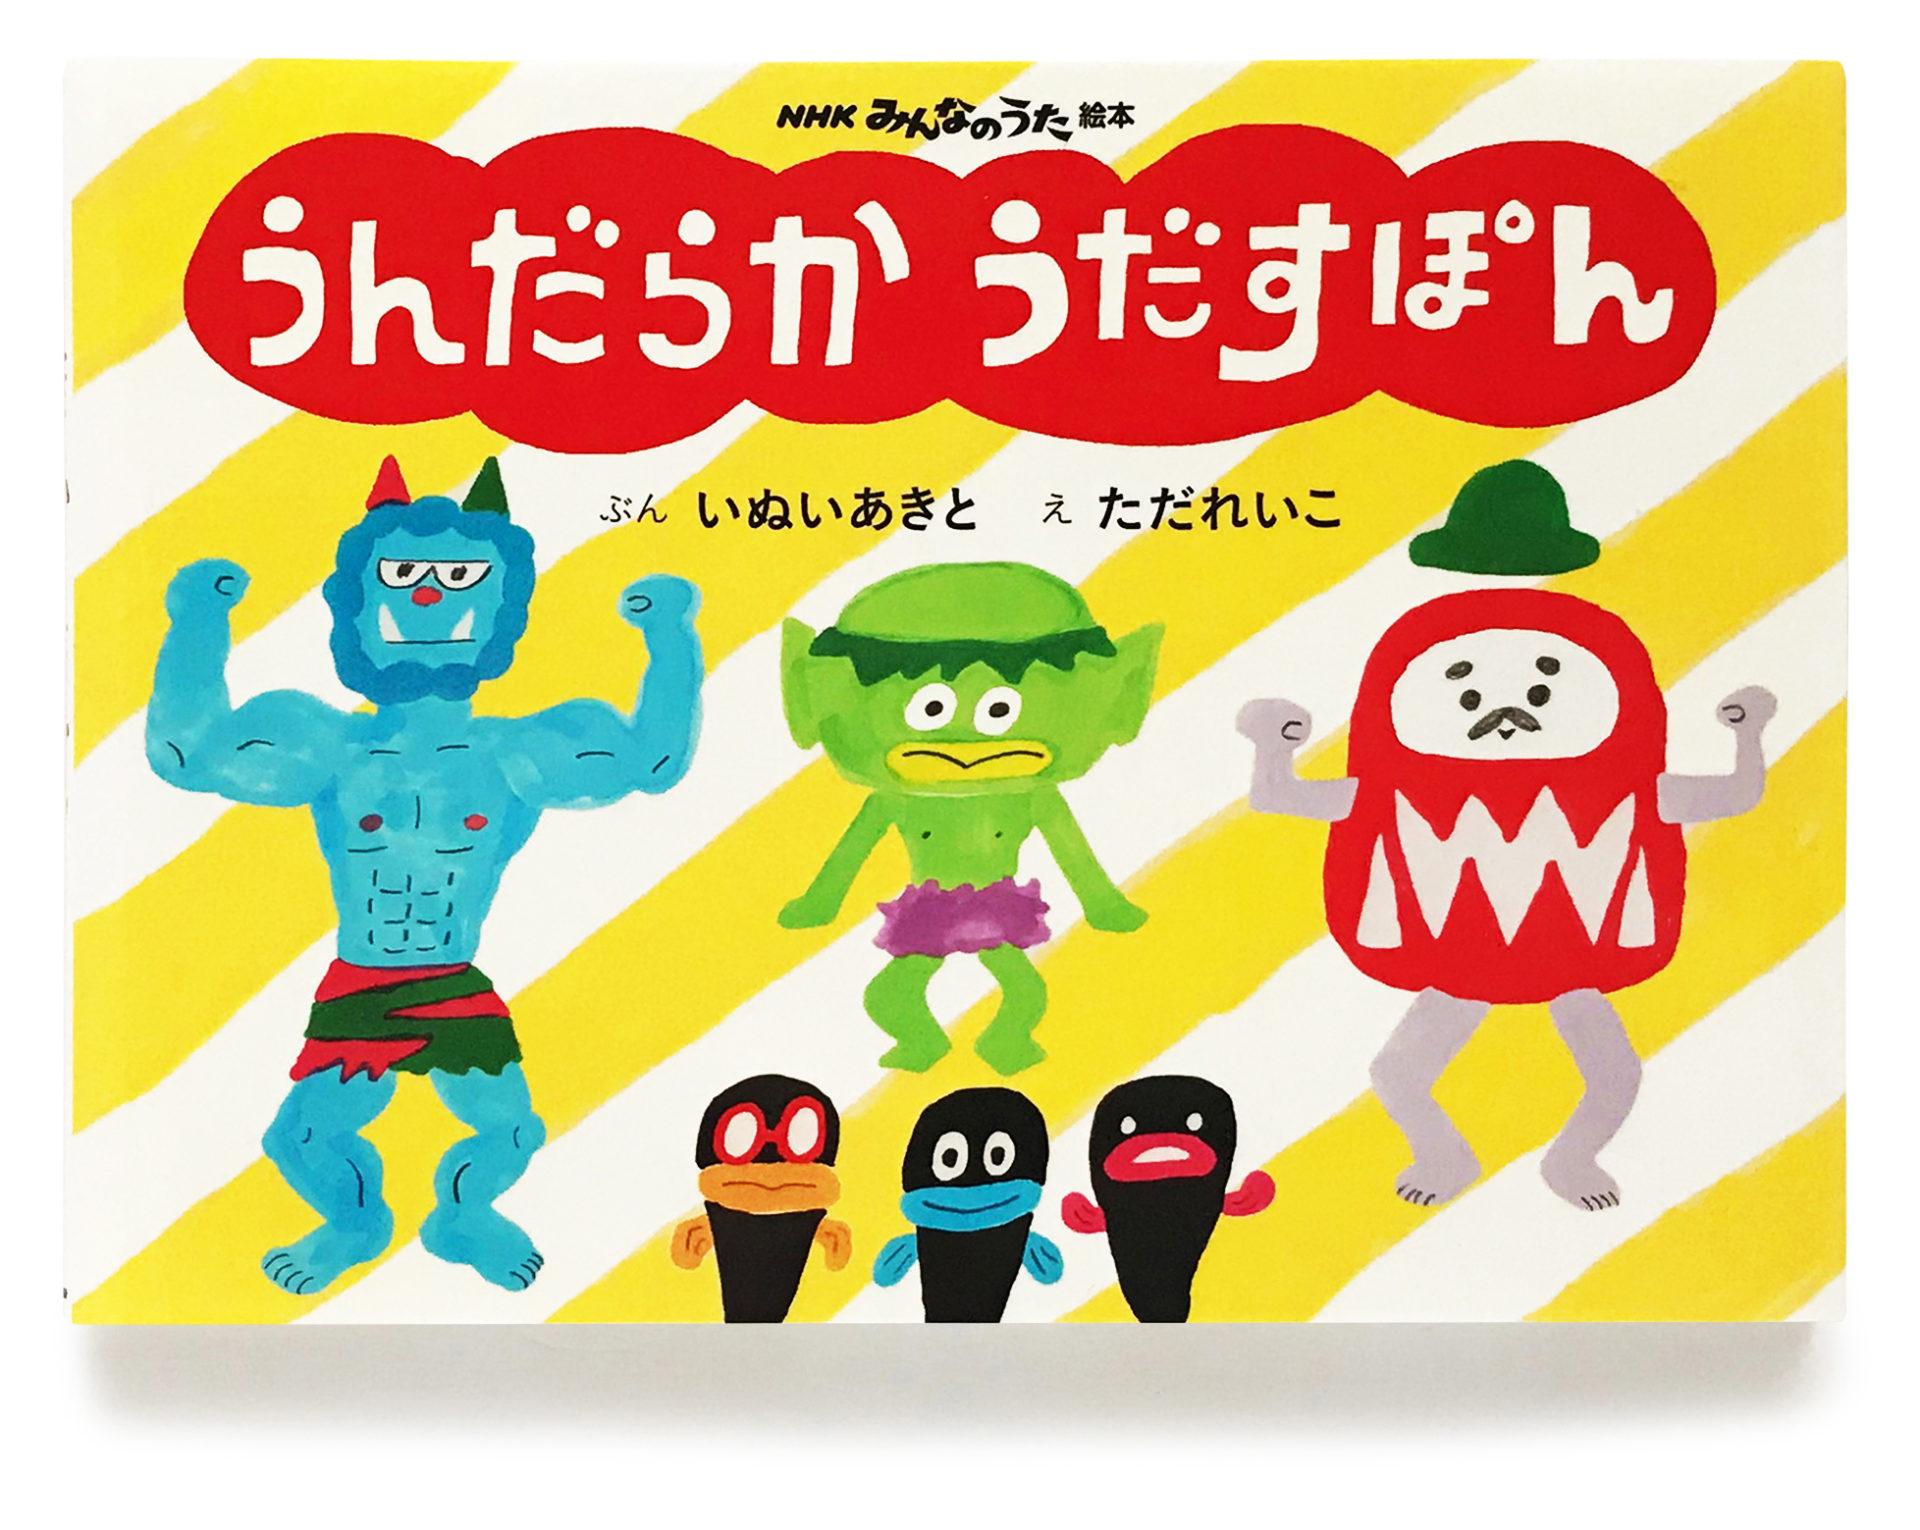 NHK みんなのうた絵本 『うんだらか うだすぽん』 1